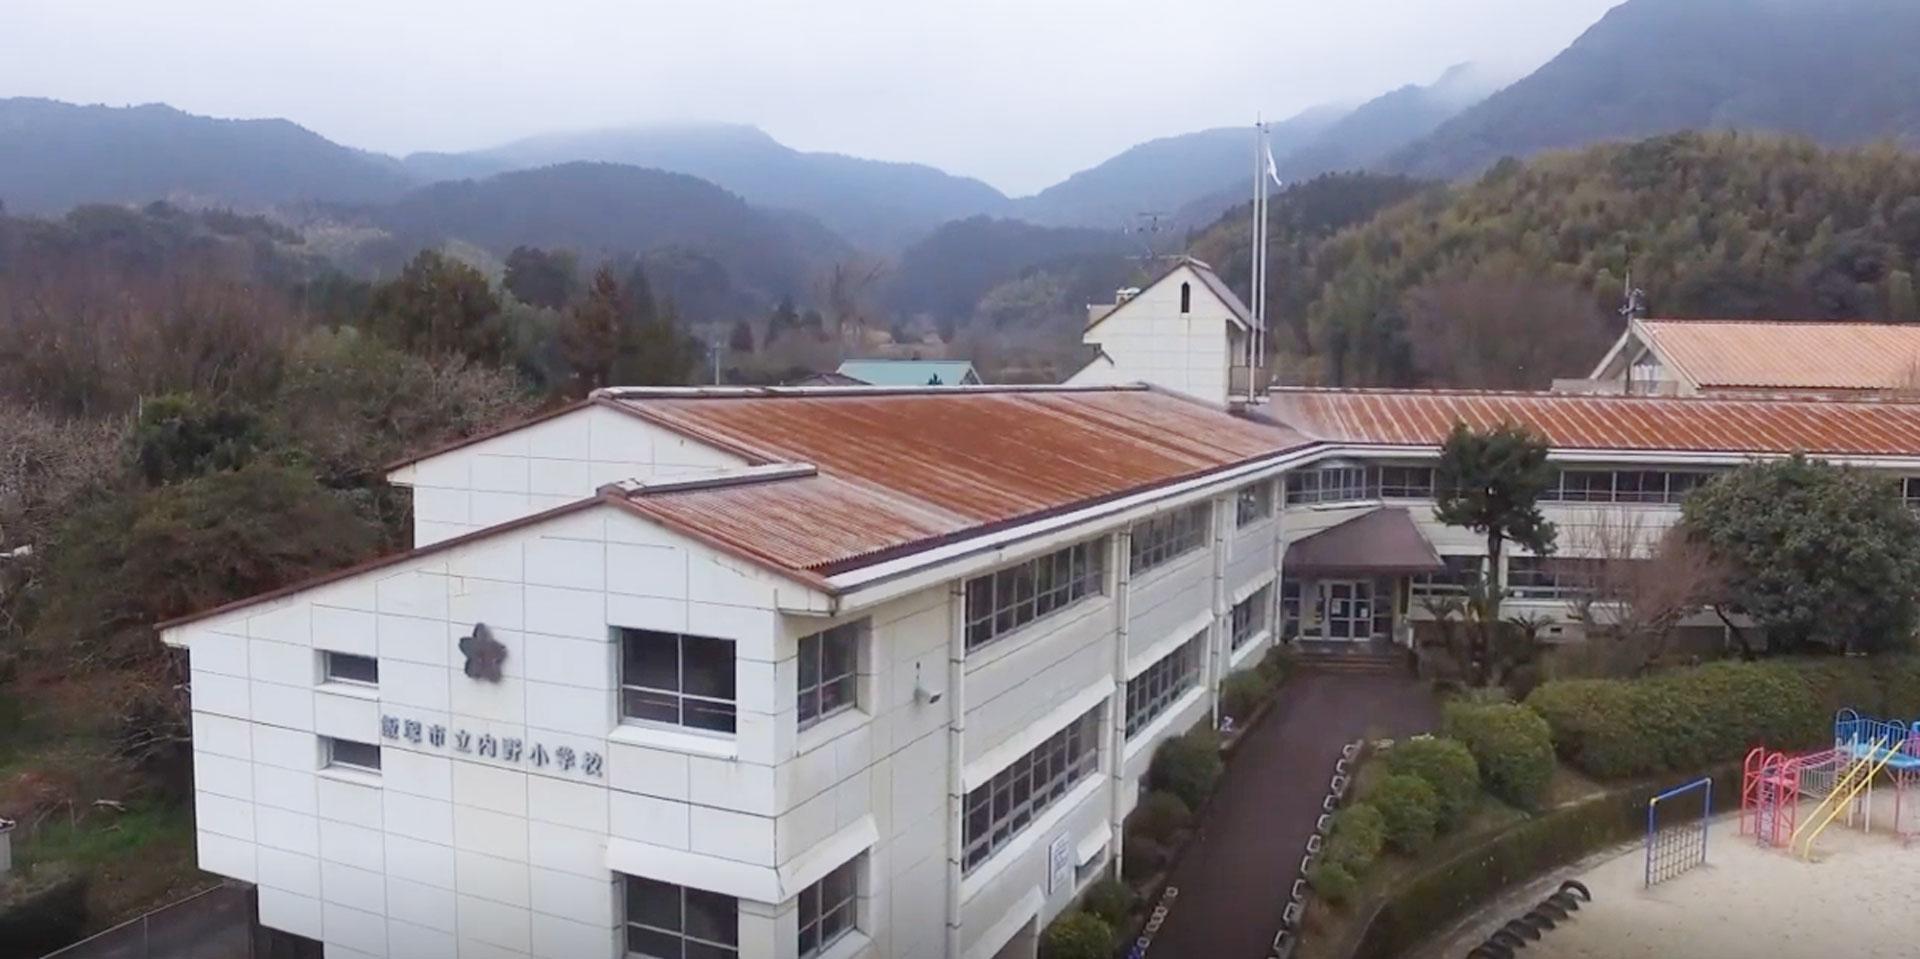 内野小学校